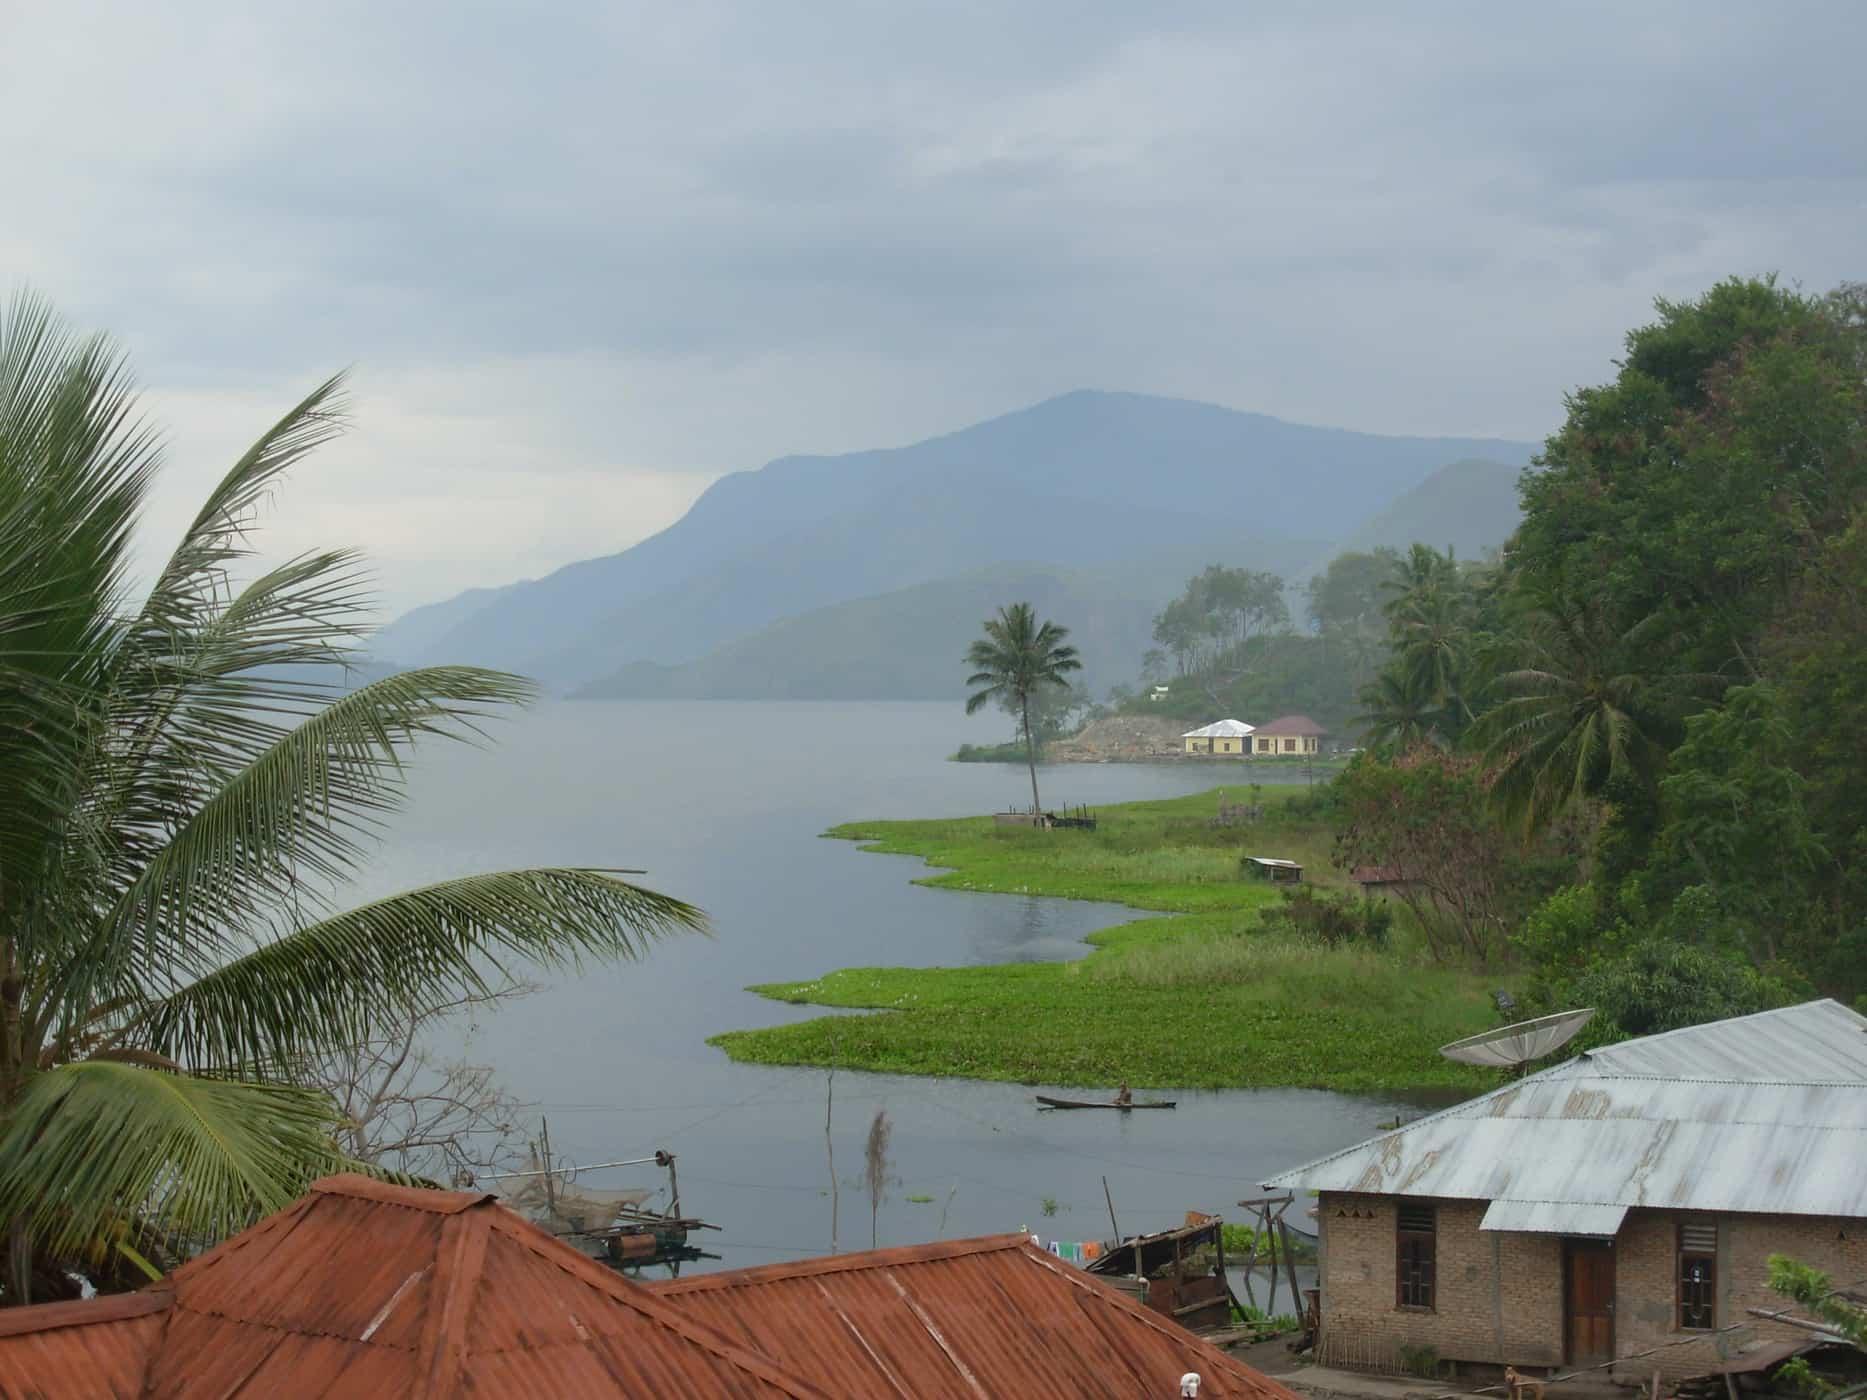 Views of Lake Toba, Sumatra.